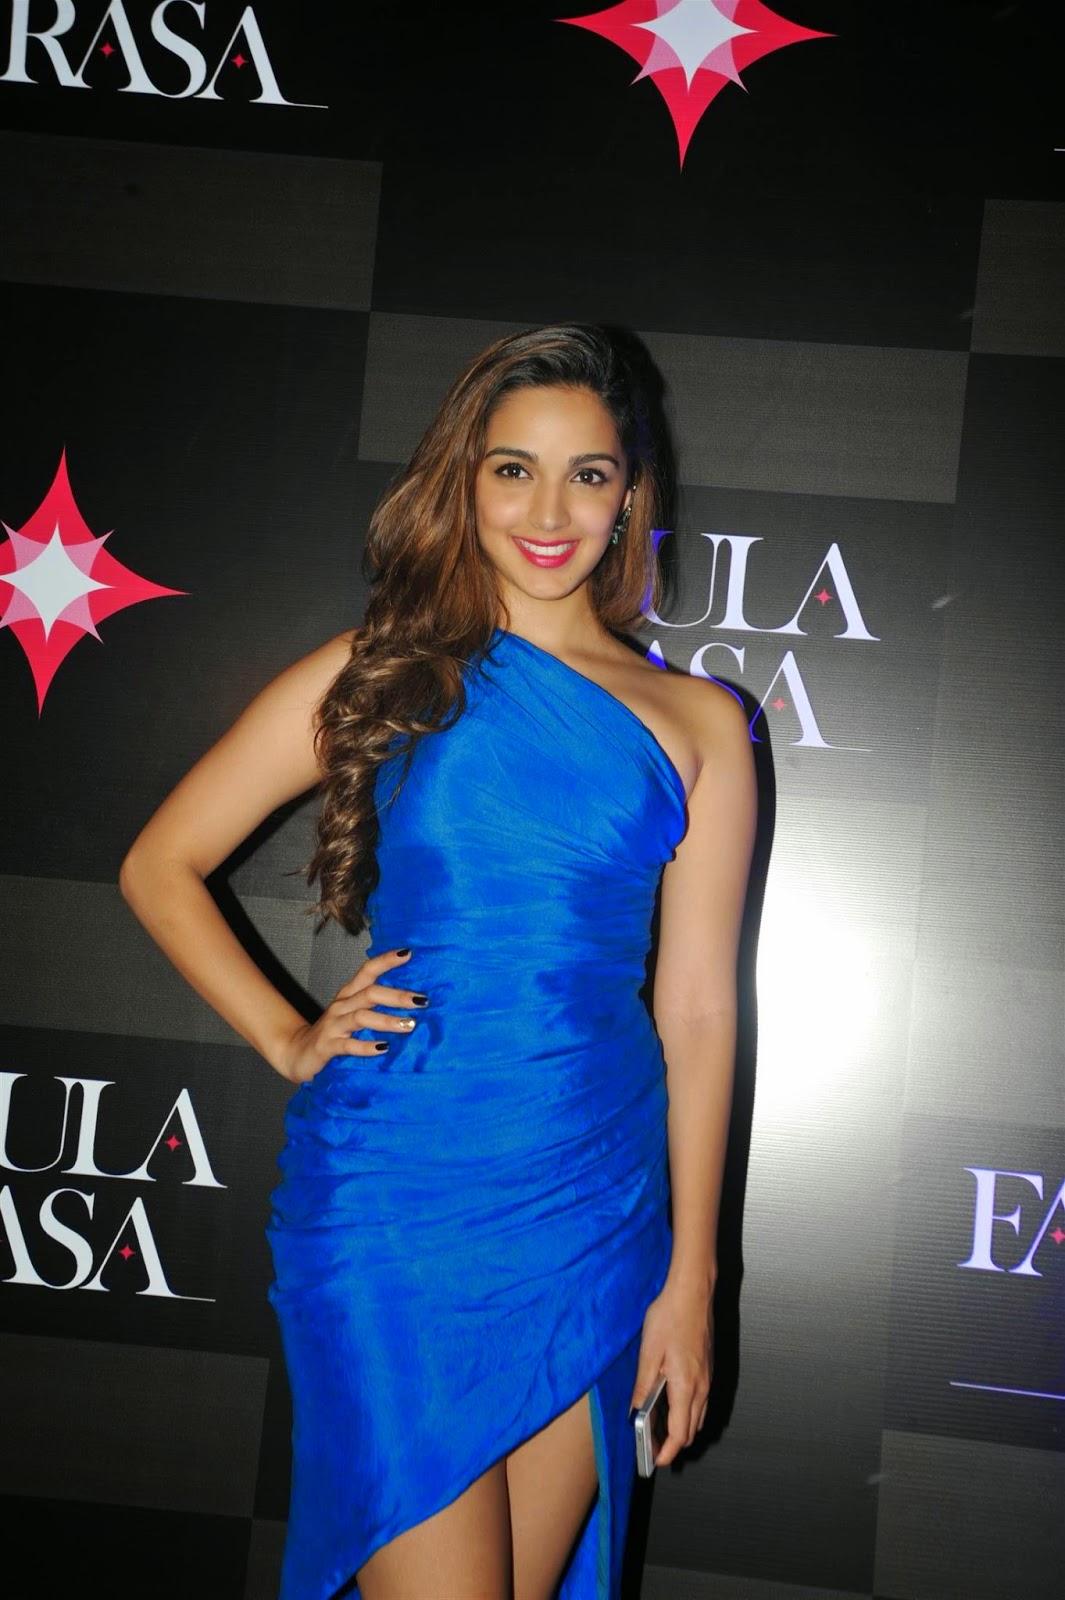 Kiara Advani at Fabula Rasa Show Room Launch Event Photo